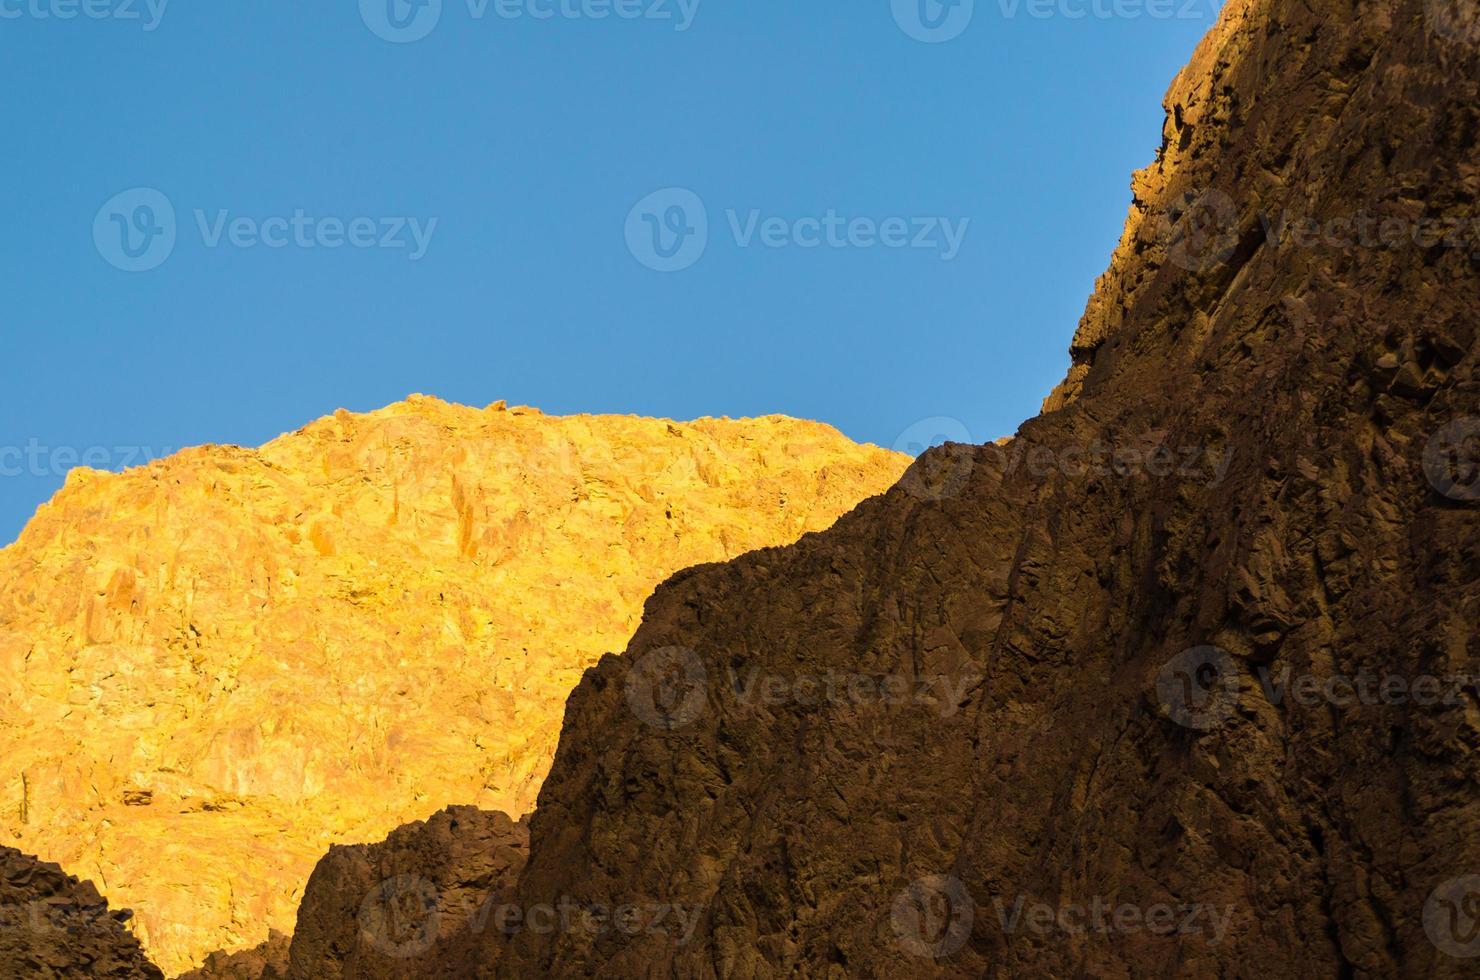 zon schijnt op rotswand foto